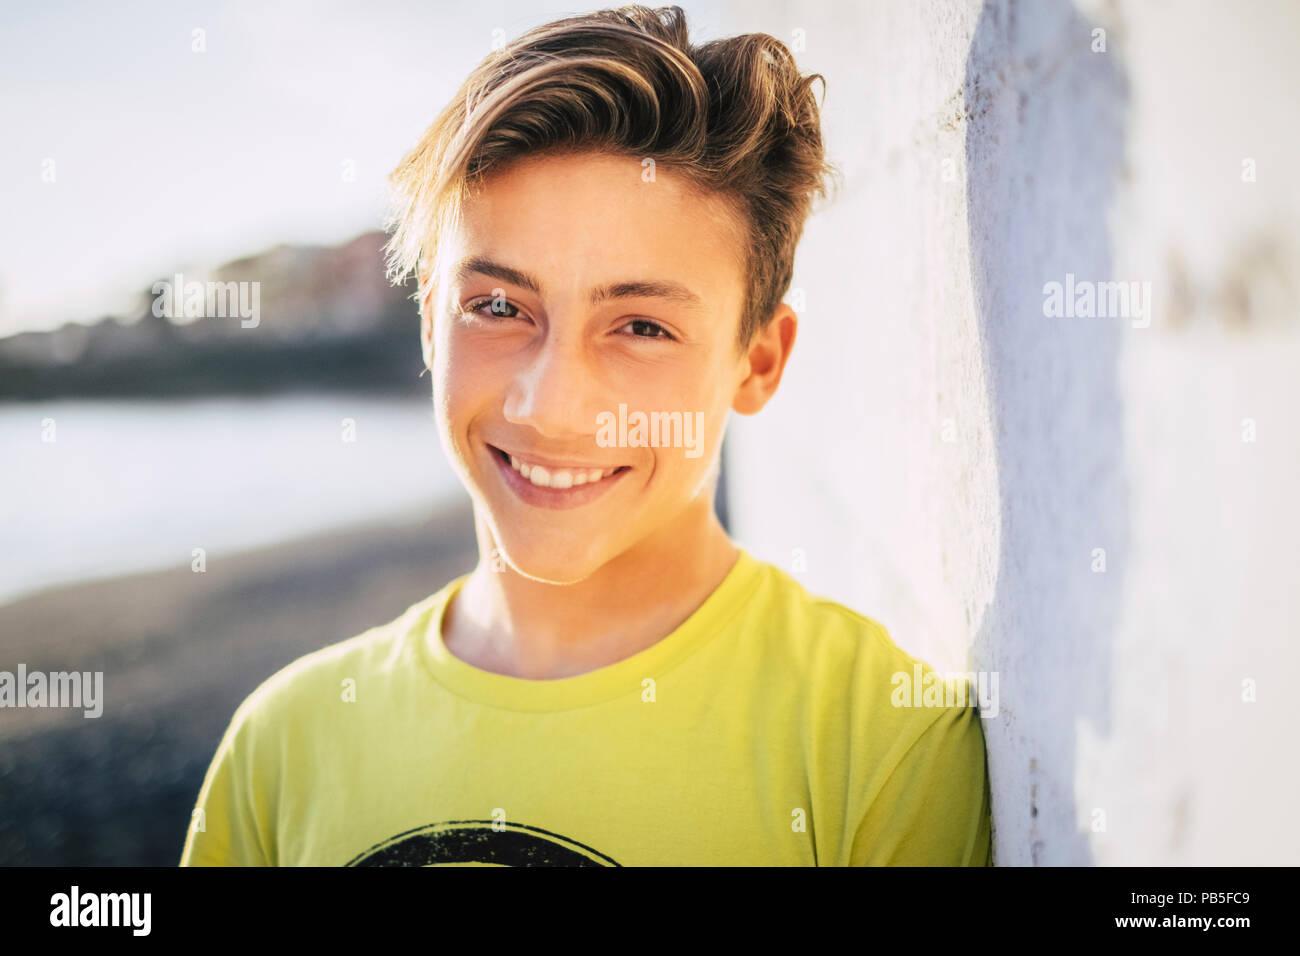 Junge schöne männliche Teenager Lächeln im Freien mit einem blauen Himmel Hintergrund. Sommer style concept Bild Stockbild